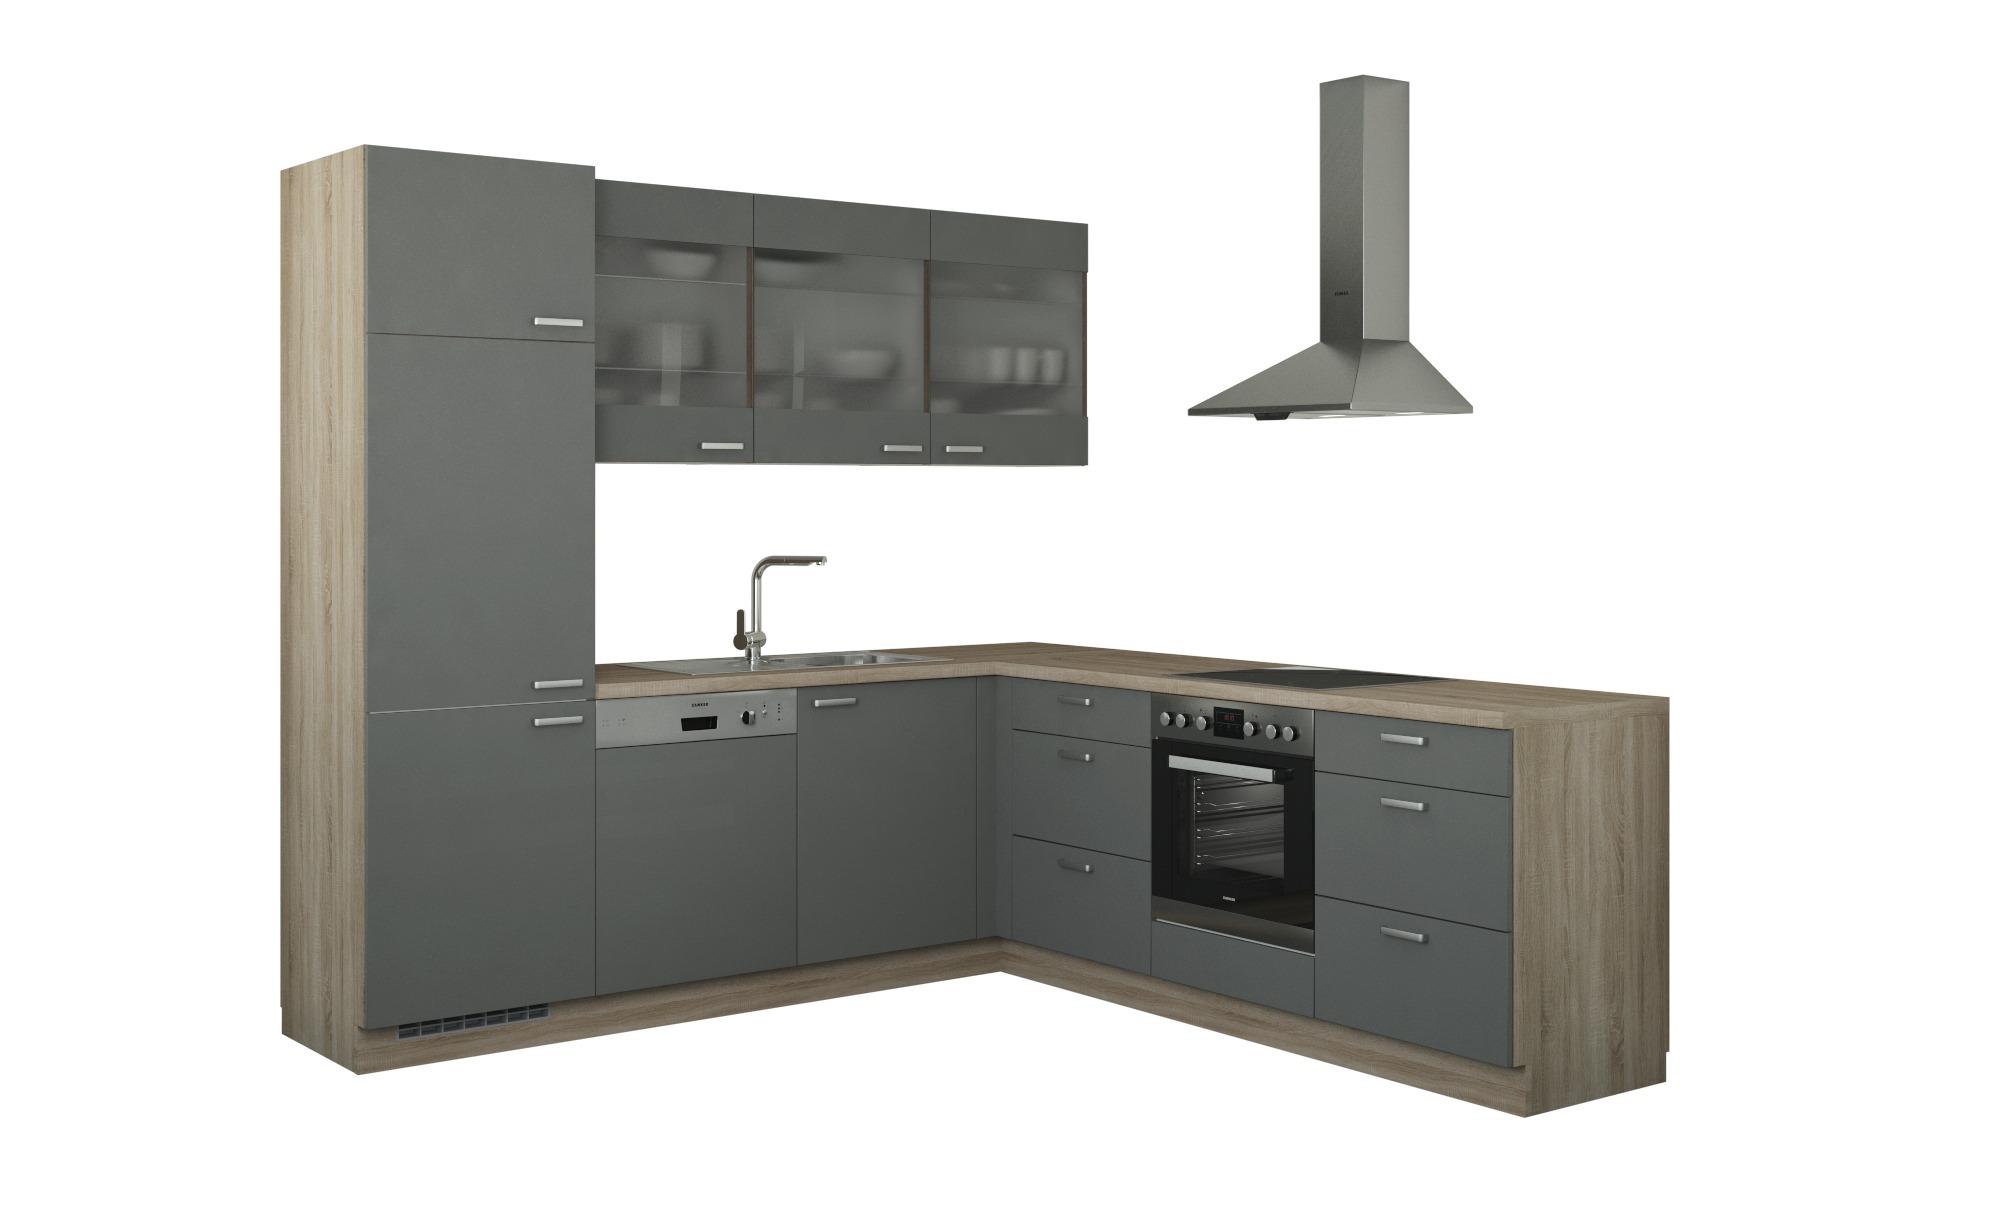 Winkelküche ohne Elektrogeräte  Sylt Küchen > Küchenblöcke - Höffner | Küche und Esszimmer > Küchen > Winkelküchen | Holzwerkstoff - Glas | Möbel Höffner DE